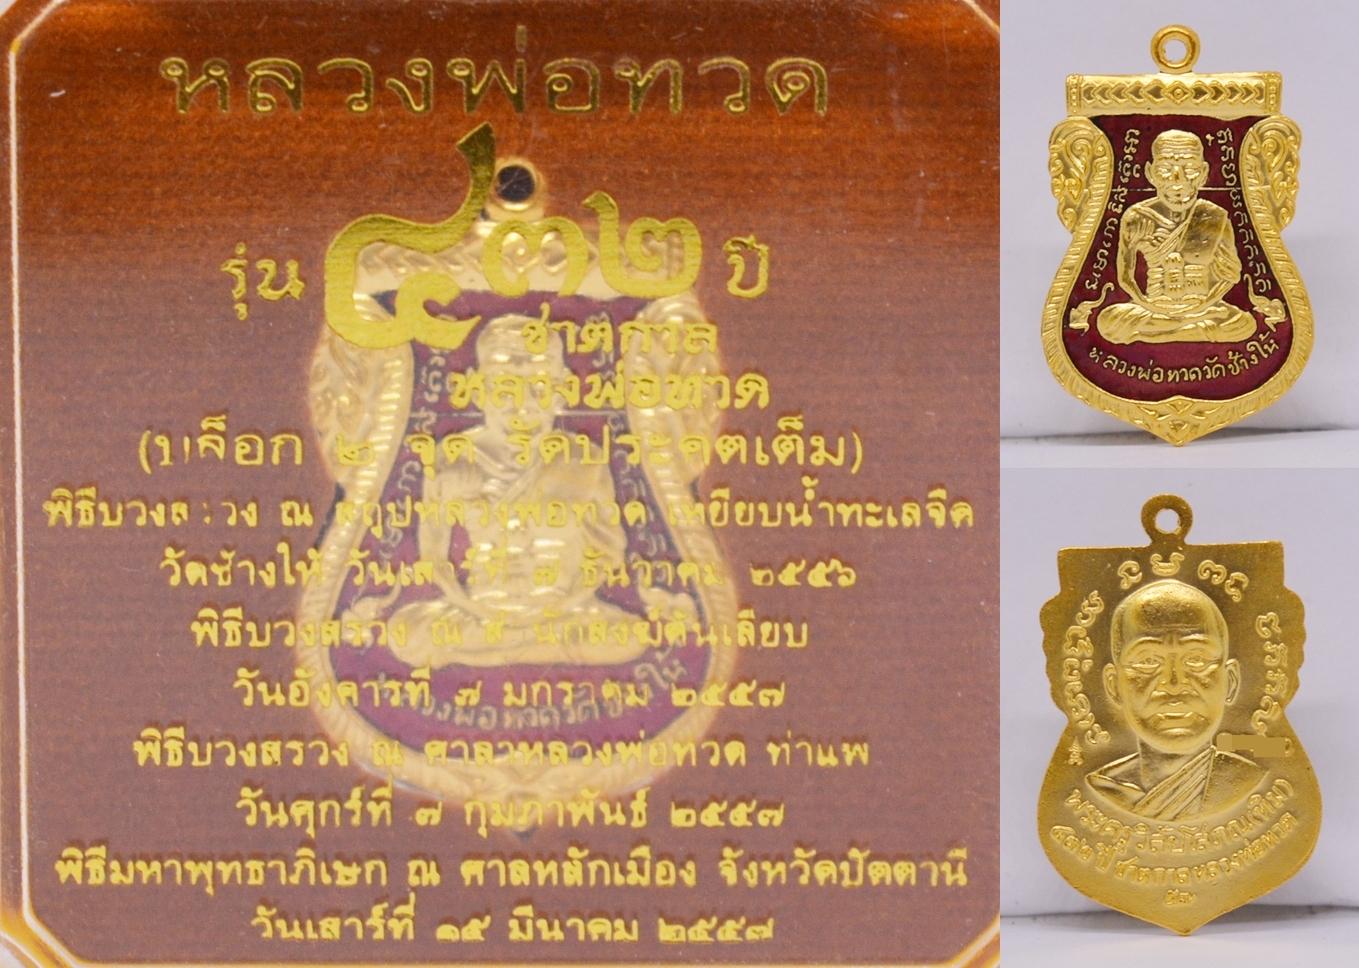 หลวงพ่อทวด เสมาหน้าเลือ่น บล็อค 2 จุด รัดประคตข้างเดียว ทองแดงชุบทองลงยาแดง รุ่น 432 ปี ชาตกาล